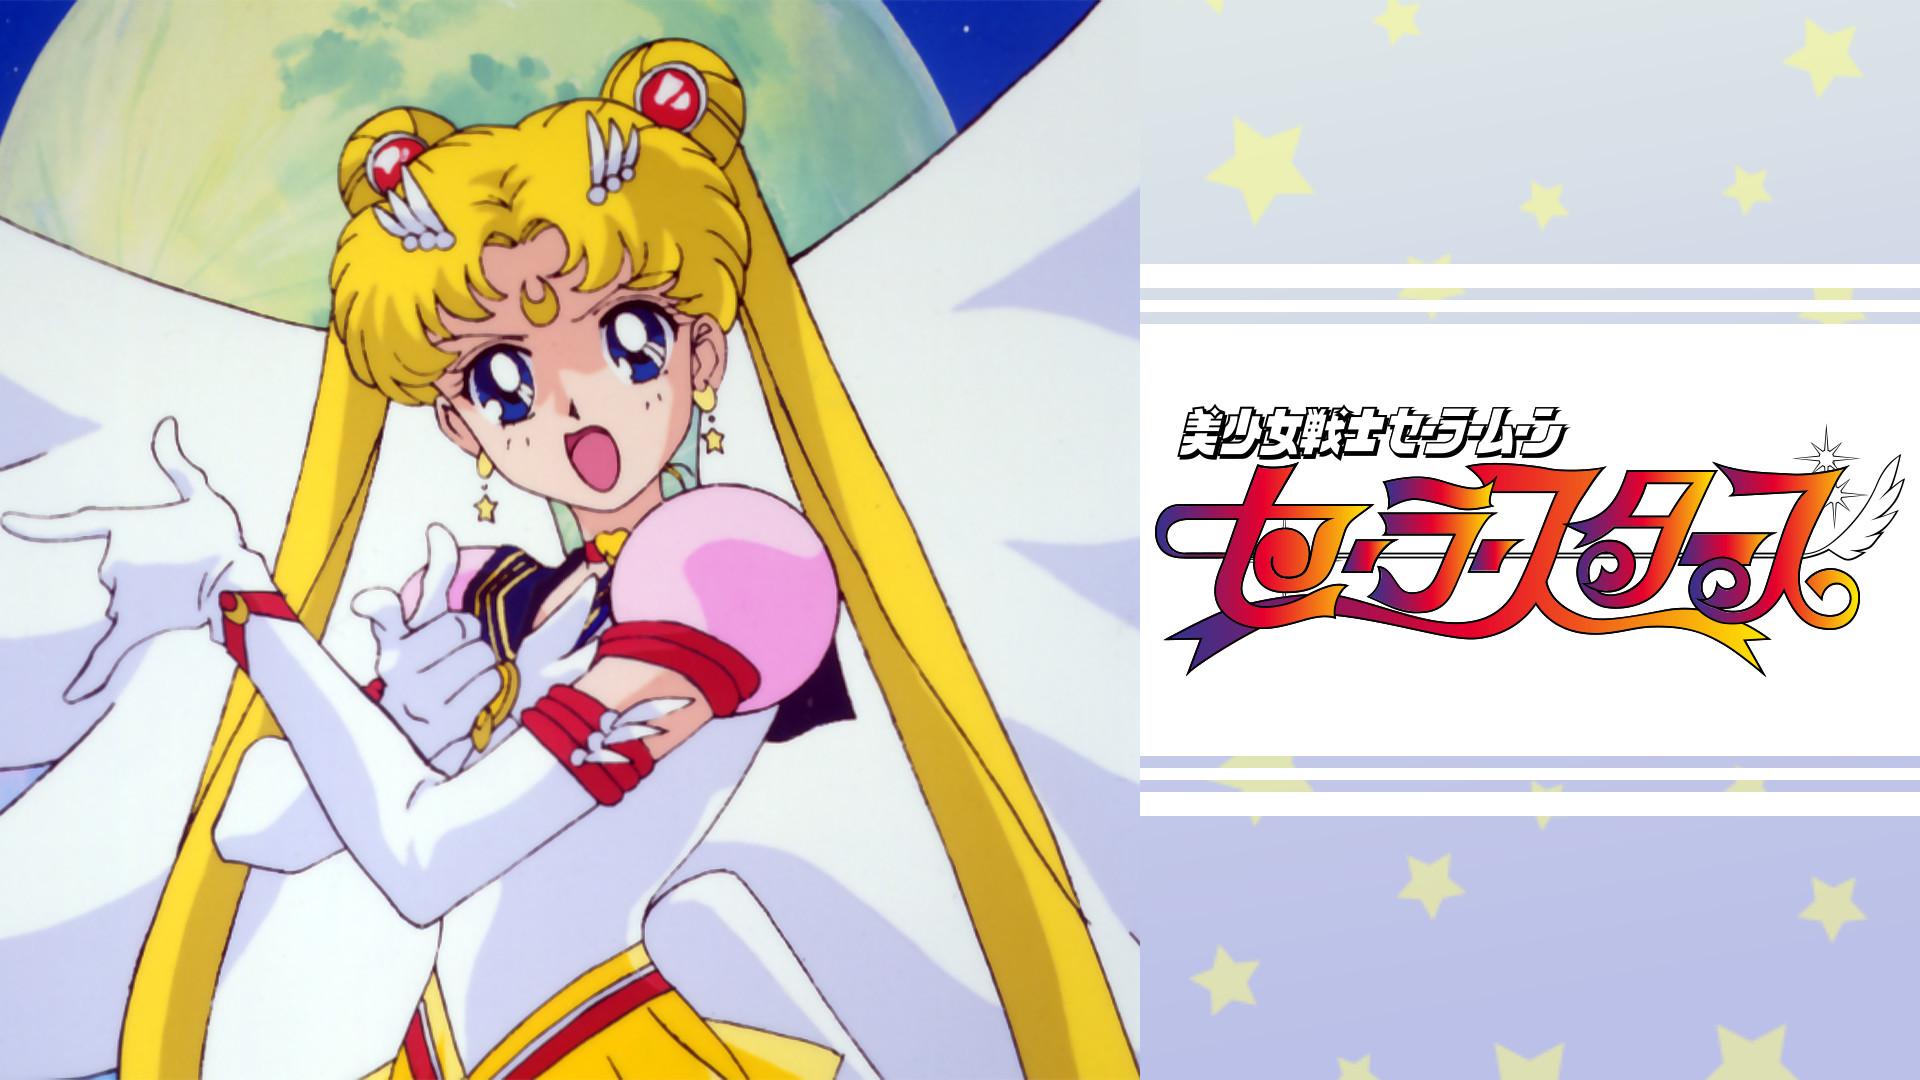 美少女戦士セーラームーン セーラースターズ アニメ動画見放題 Dアニメストア